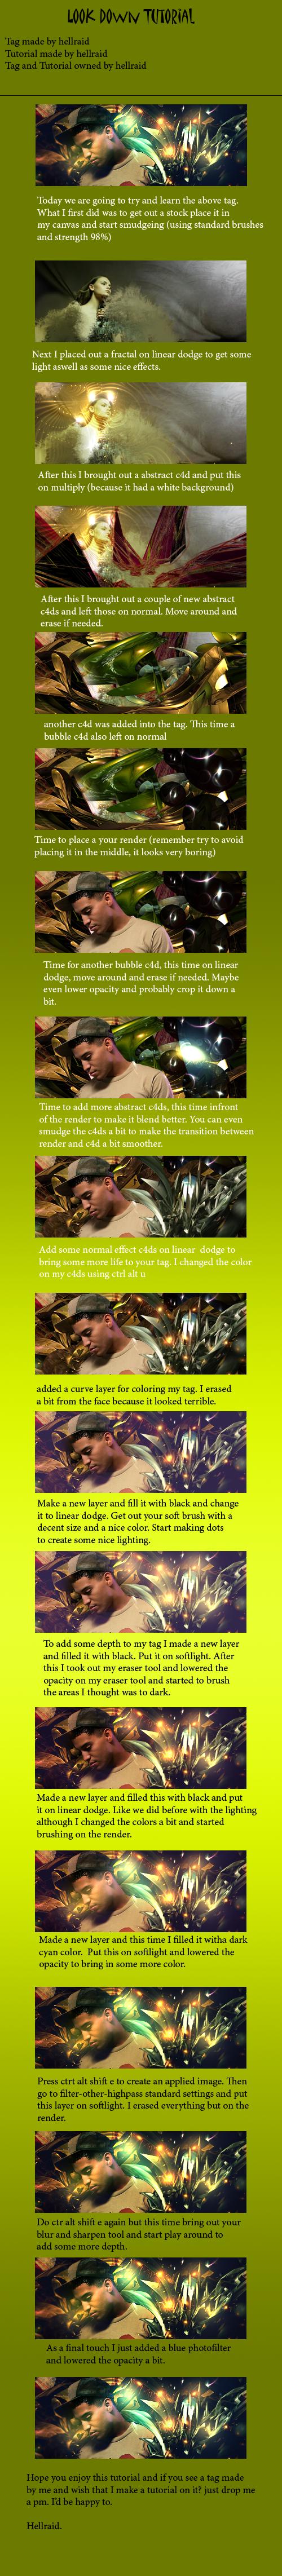 look_down_tutorial_by_hellraidgr-d4tdl5x